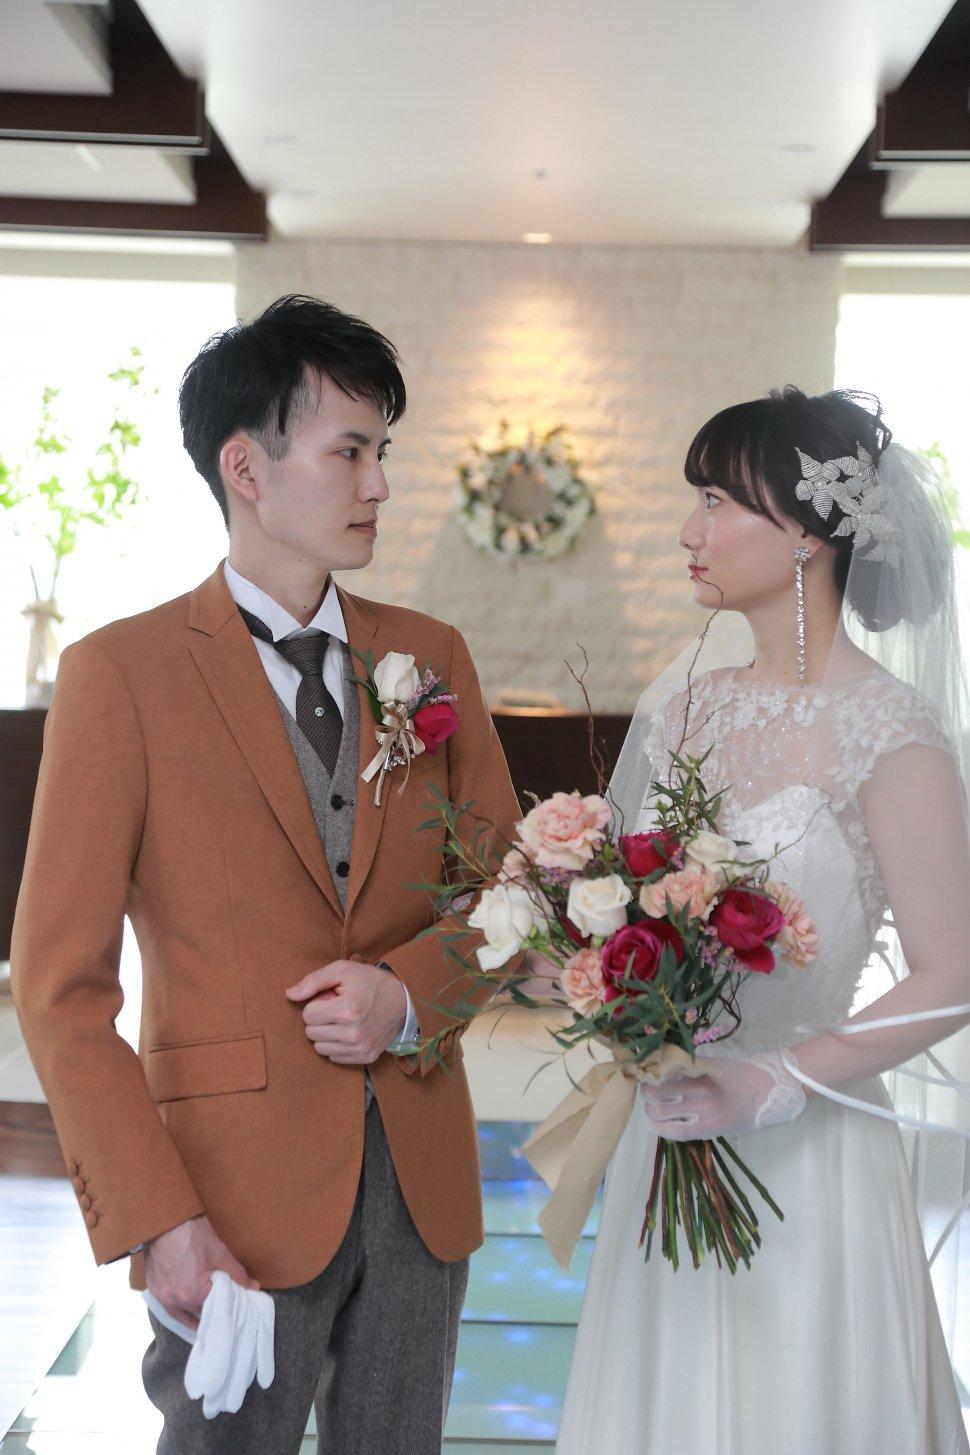 静岡 結婚式 グランディエール